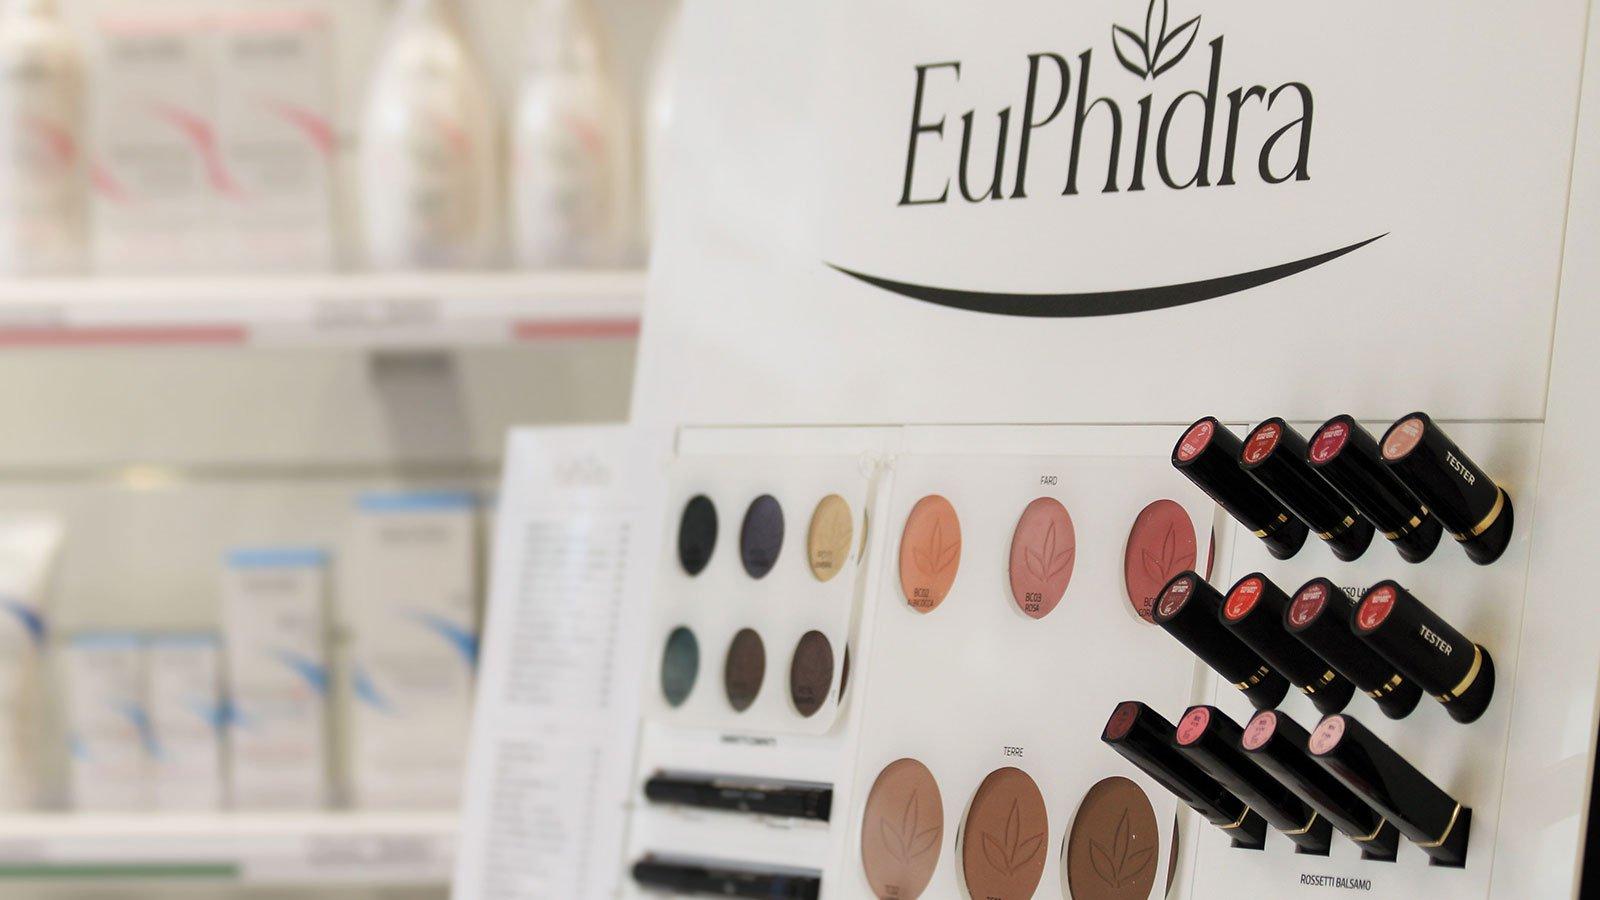 Prodotti di bellezza della marca Euphidra